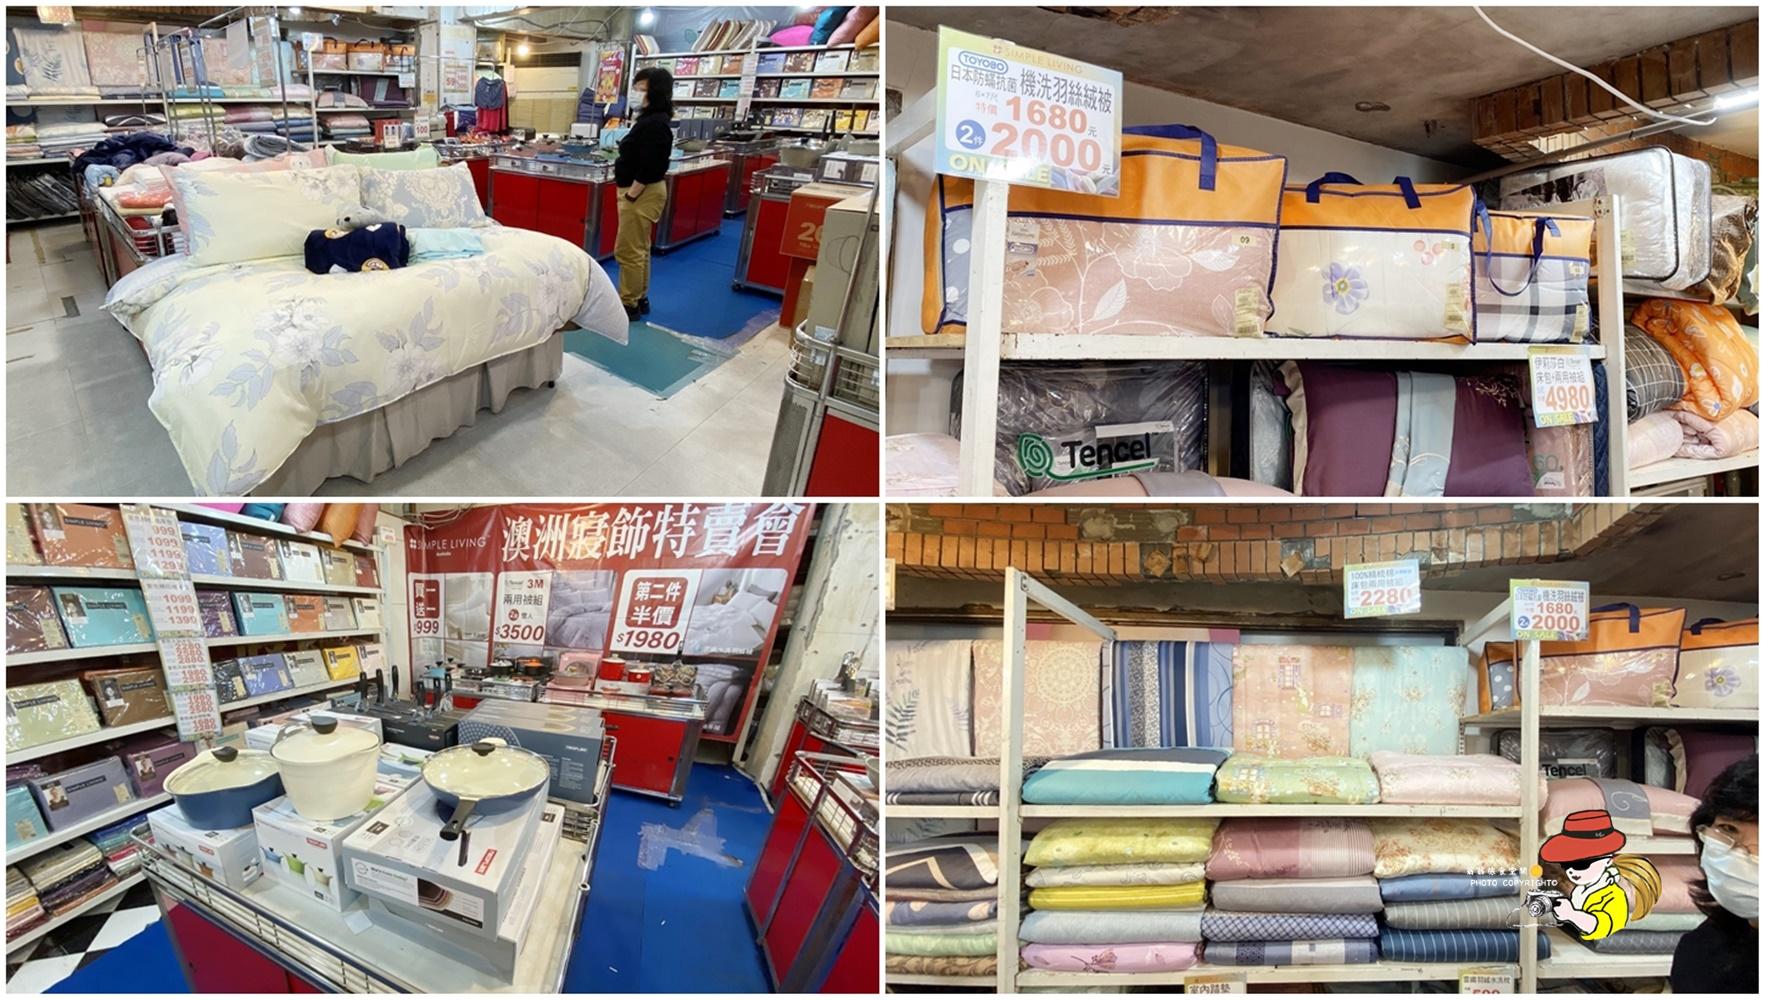 2020年終寢具特賣會|澳洲SIMPLE LIVING寢具X韓國鍋物聯合年度特賣會 飯店級床包床罩 多款枕頭買一送一 滿額送贈品!